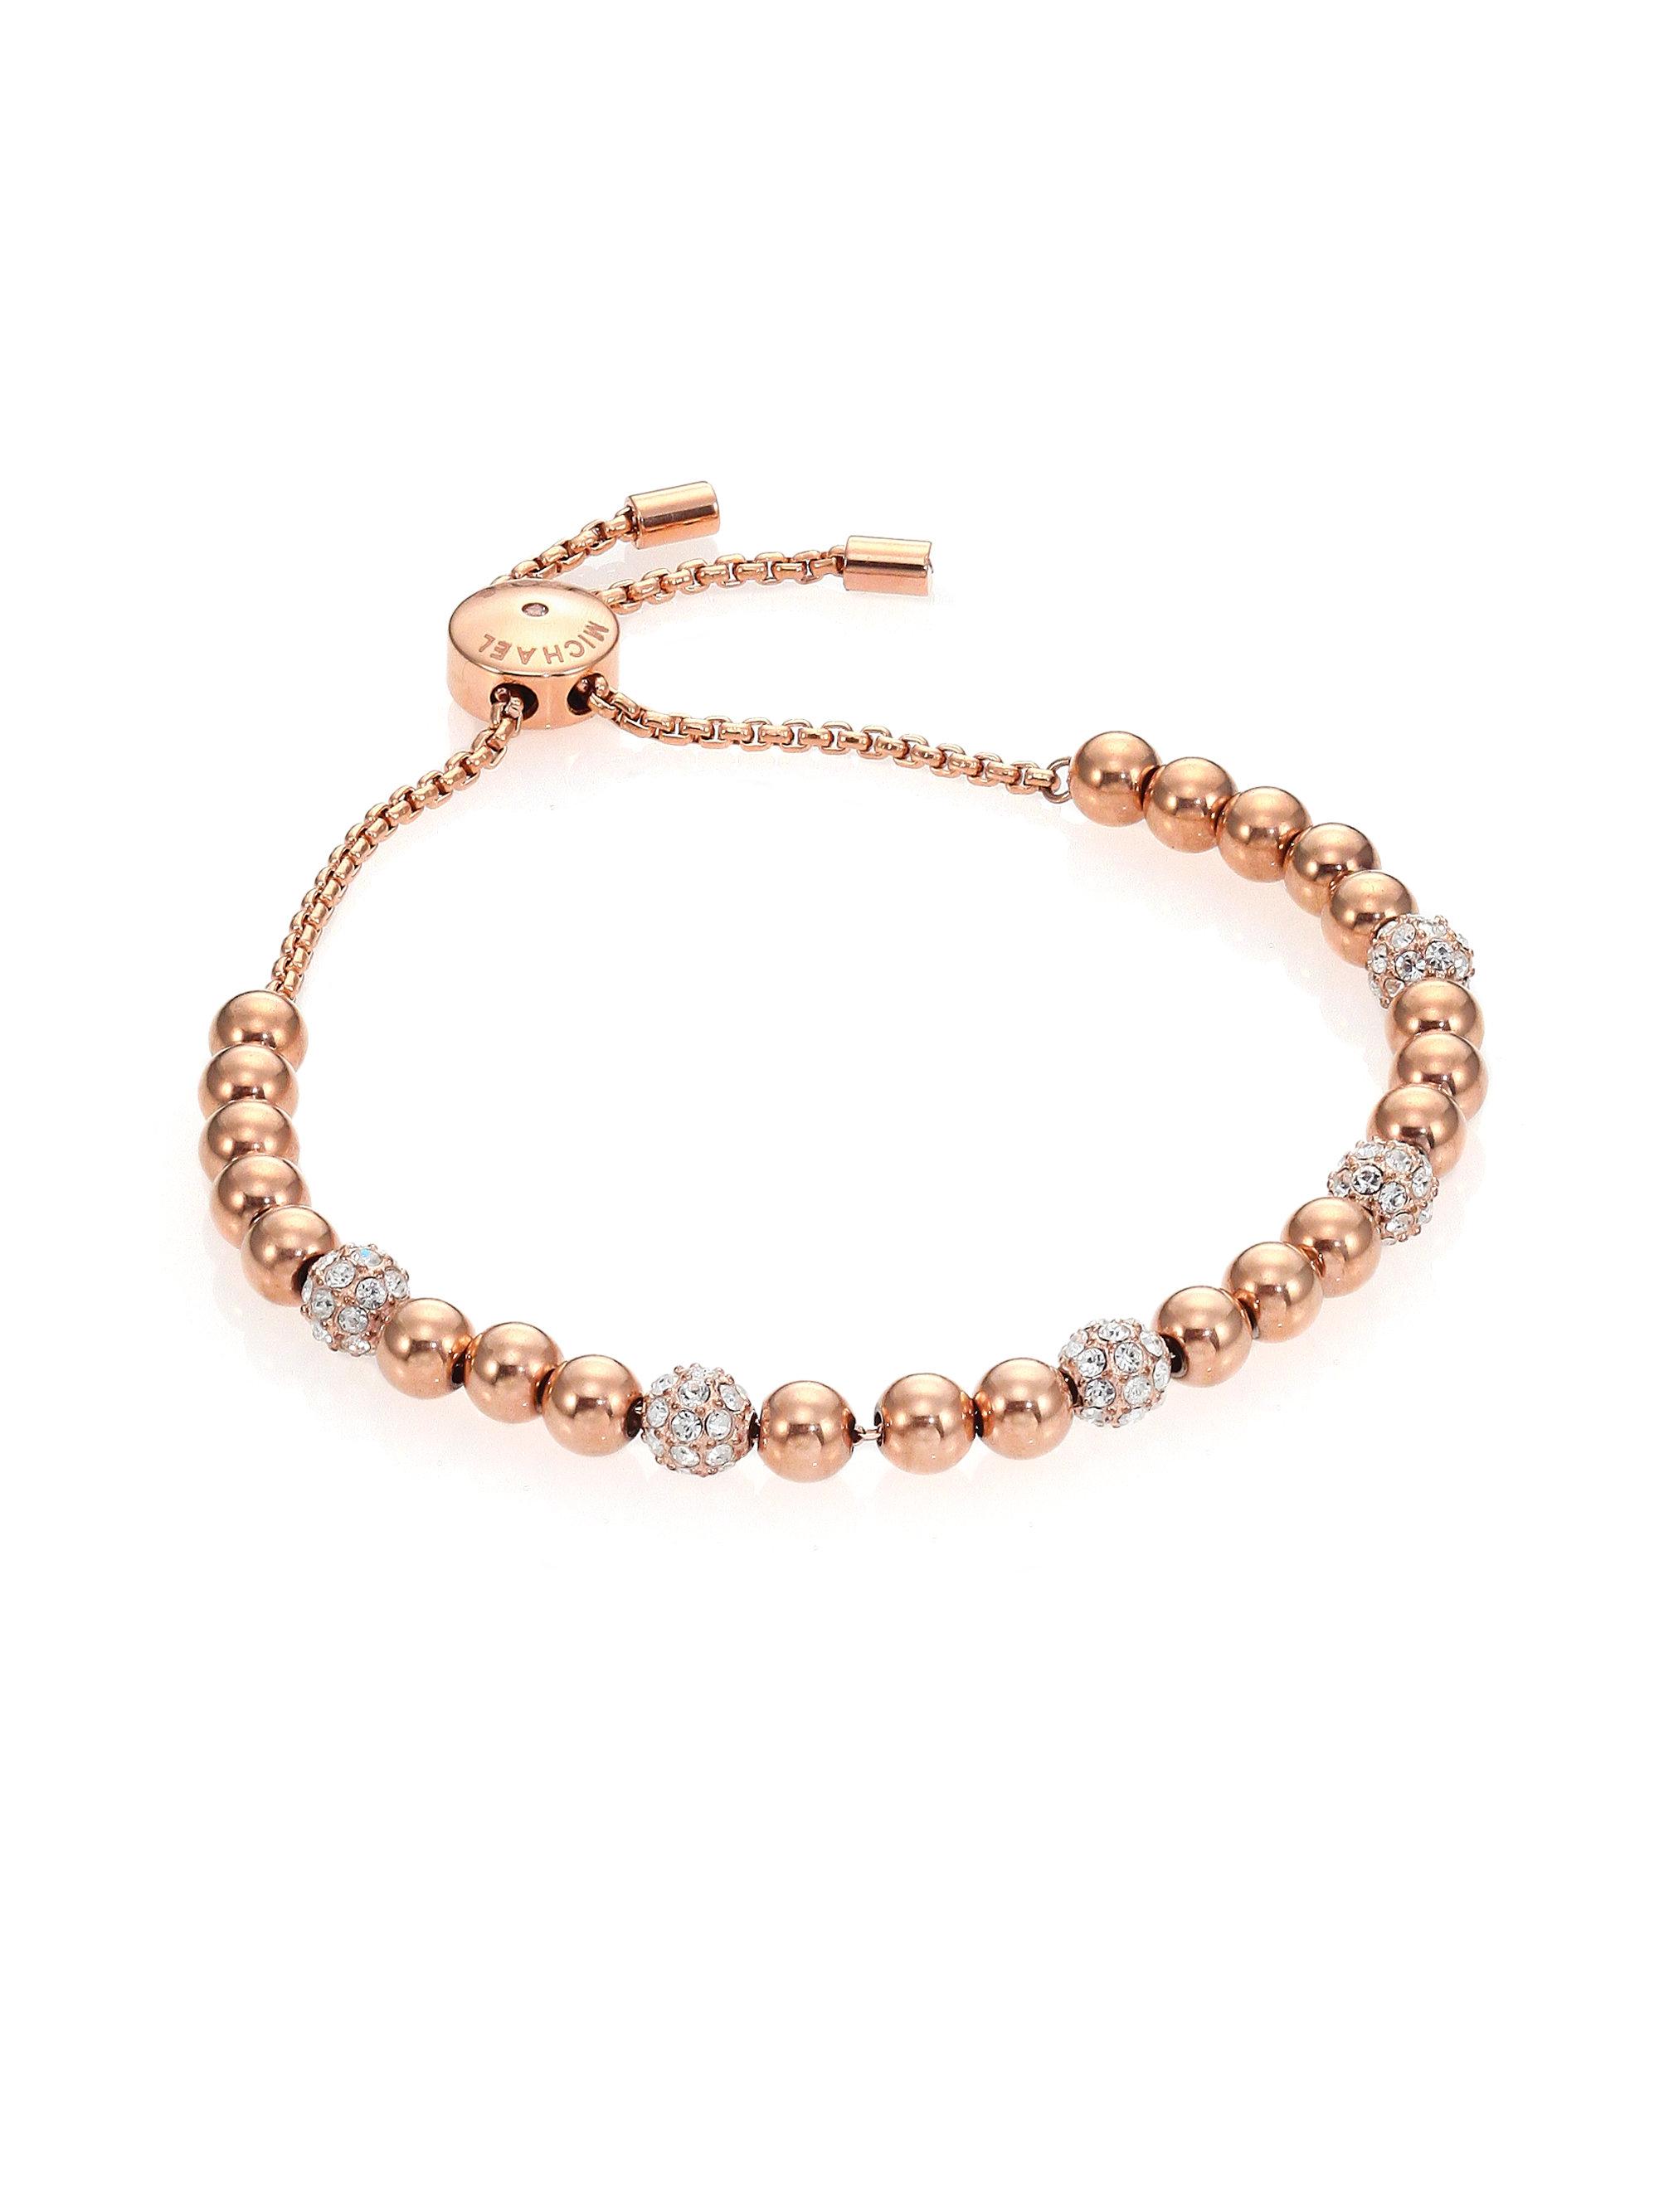 c807441c5efa1 Michael Kors Brilliance Pave Beaded Slide Bracelet/rose Goldtone in ...